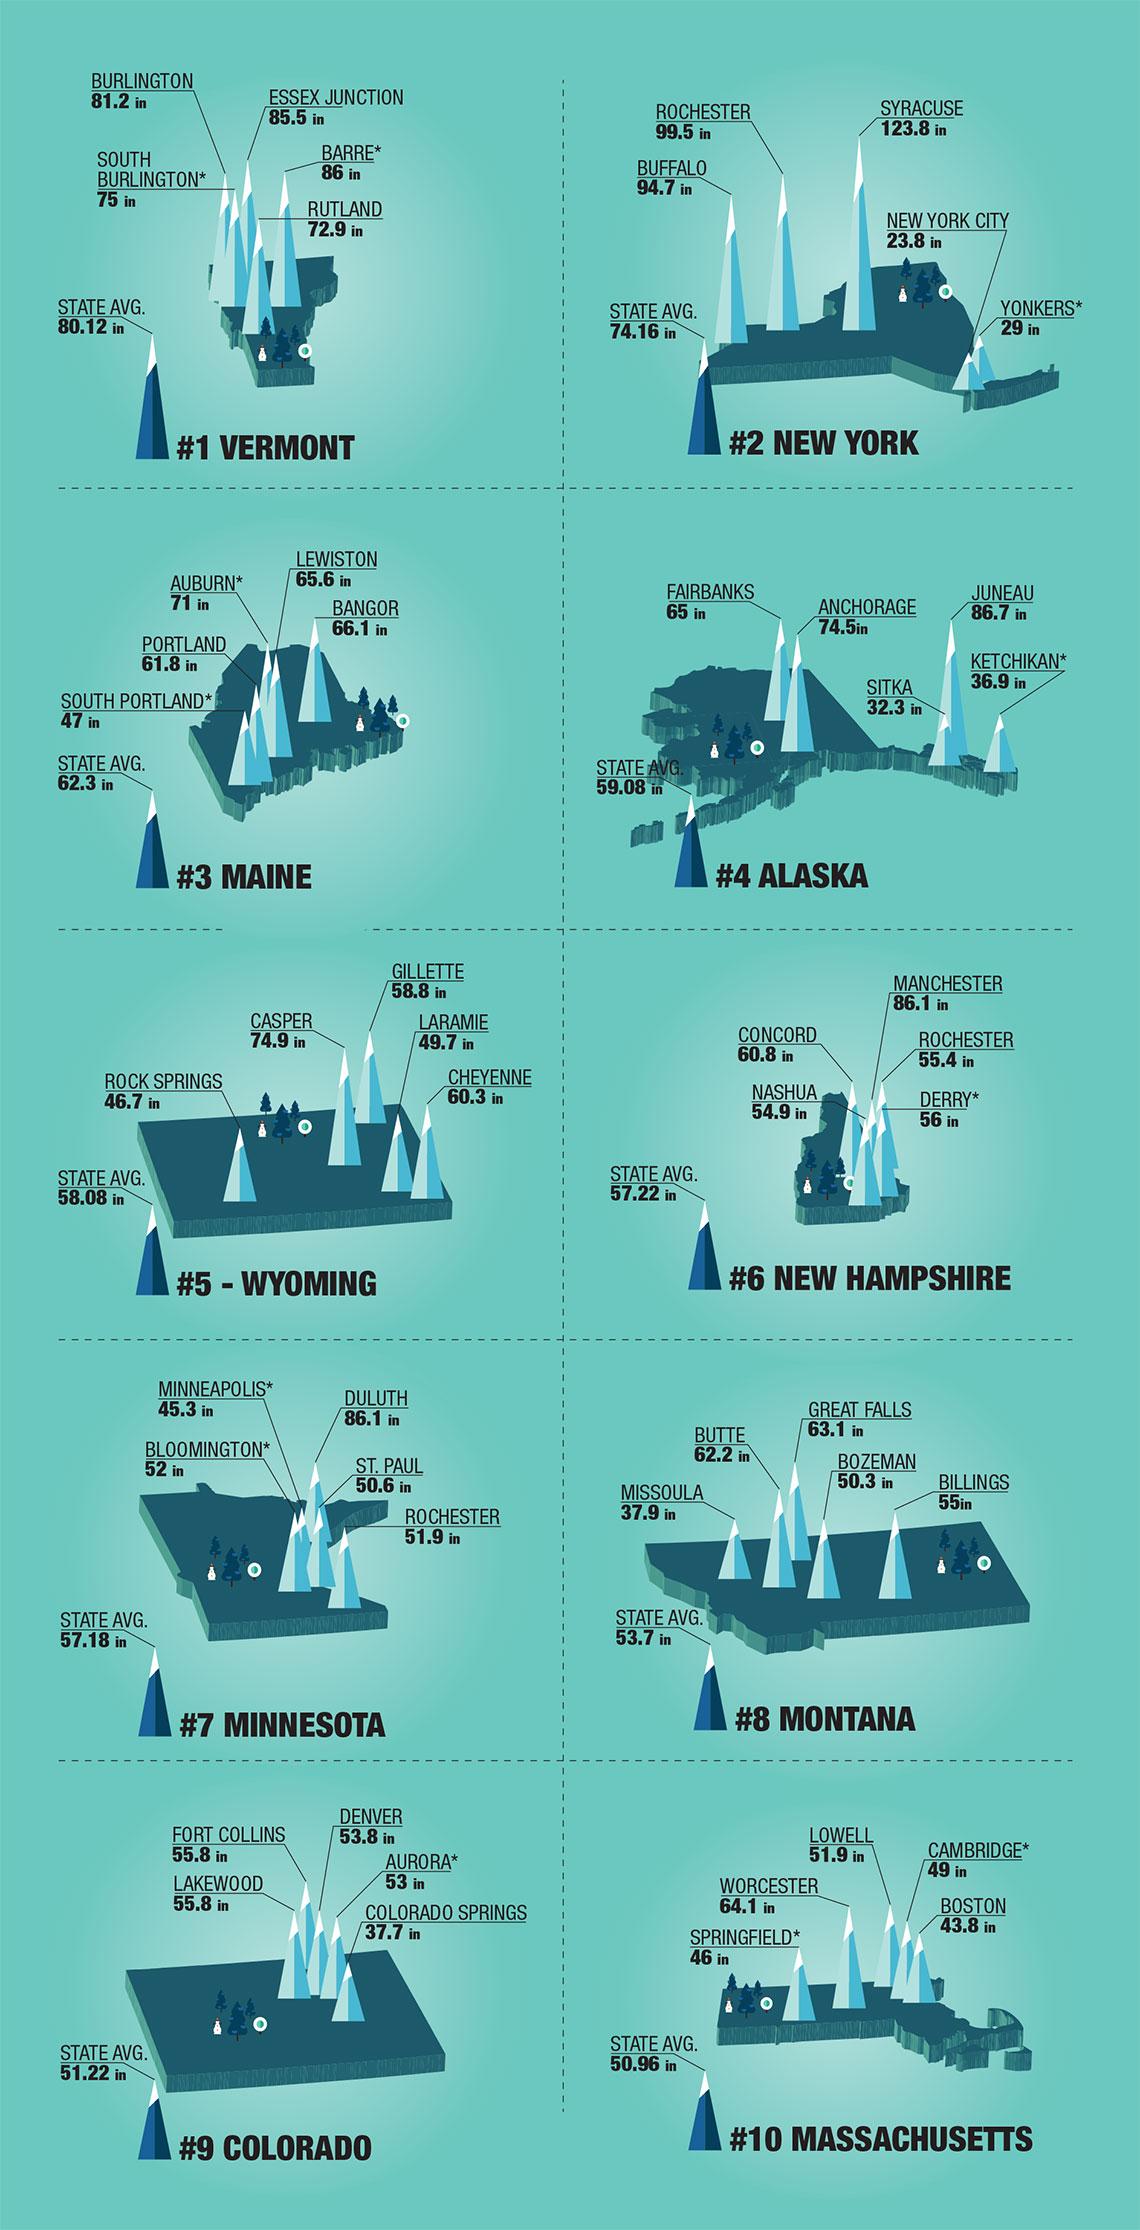 Top Ten Snow States